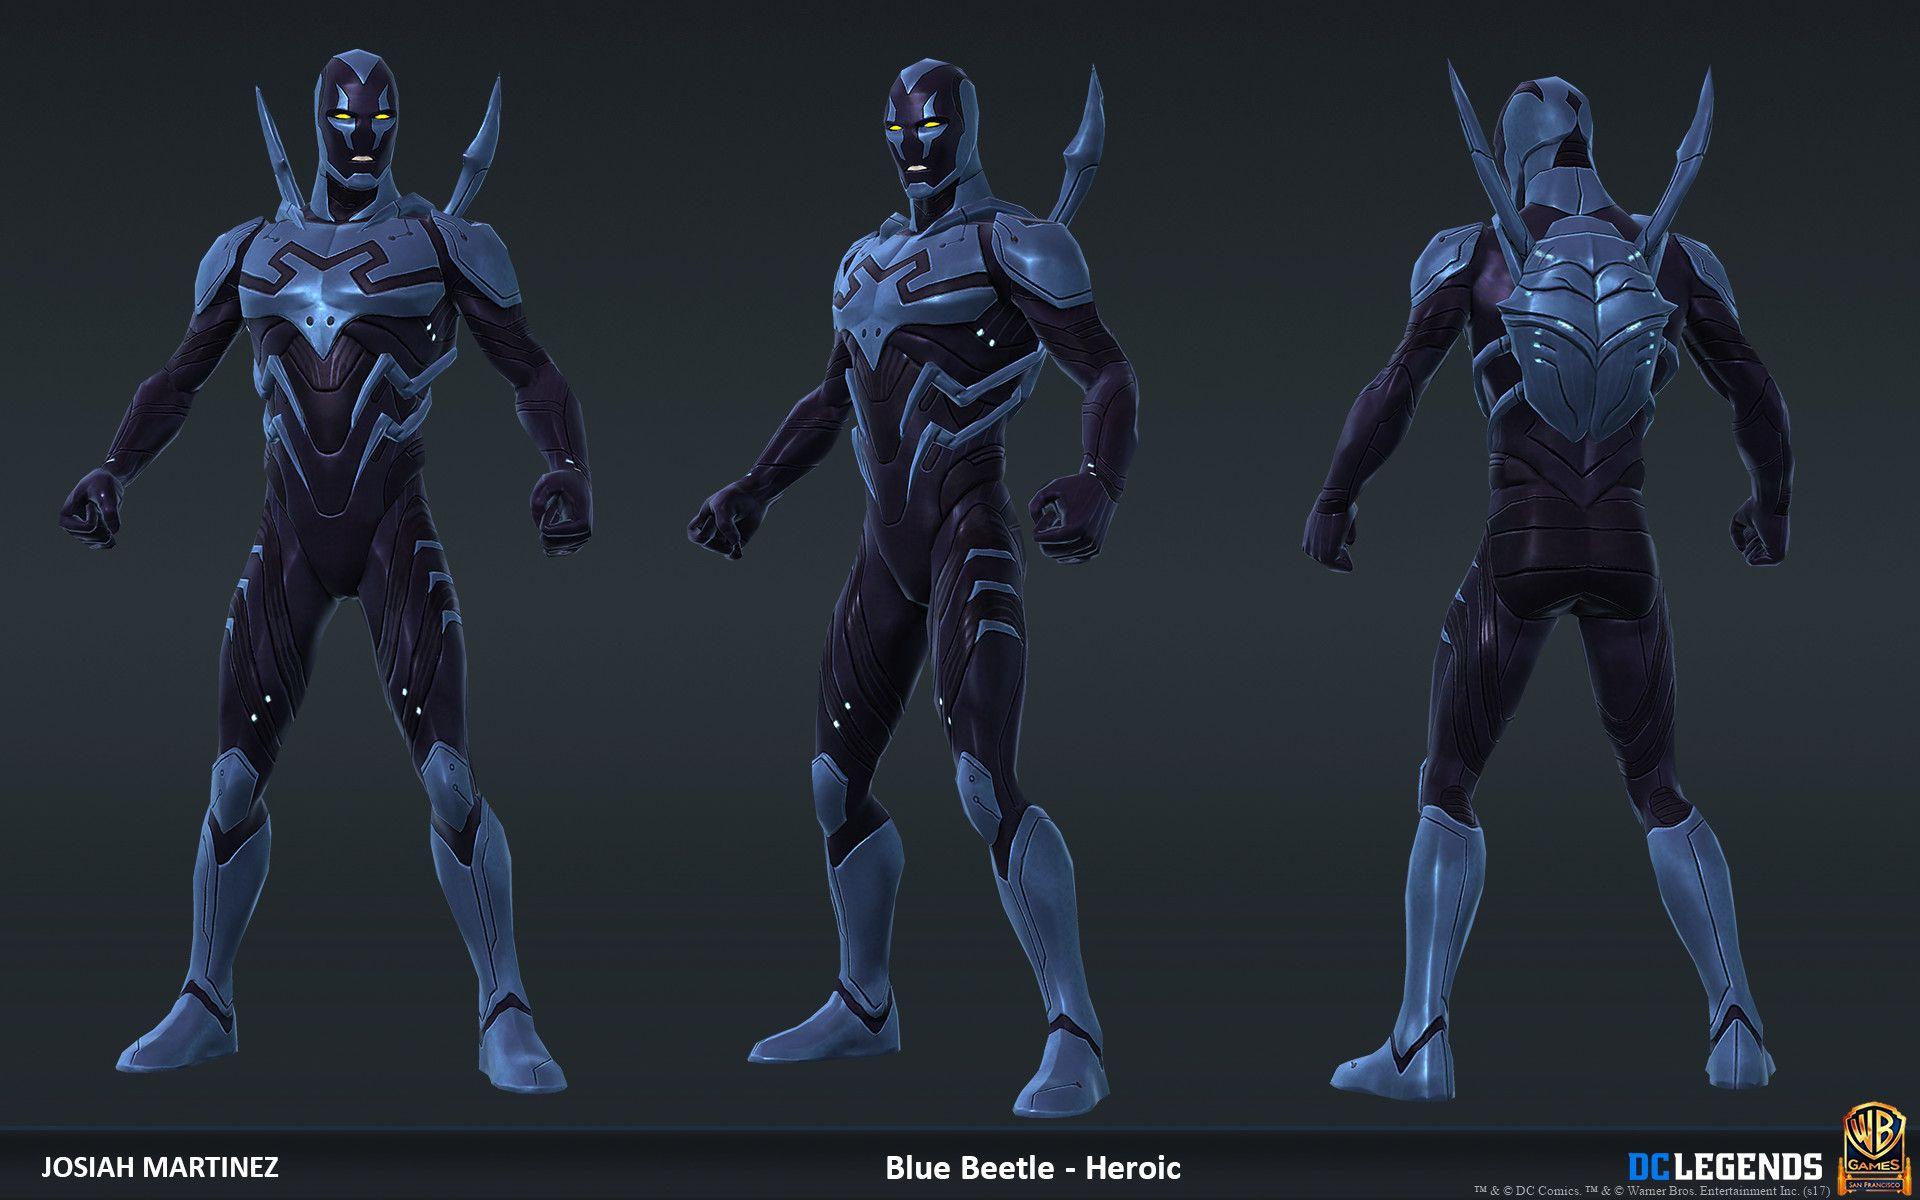 DC Legends Character Art Character art, Art, Blue beetle